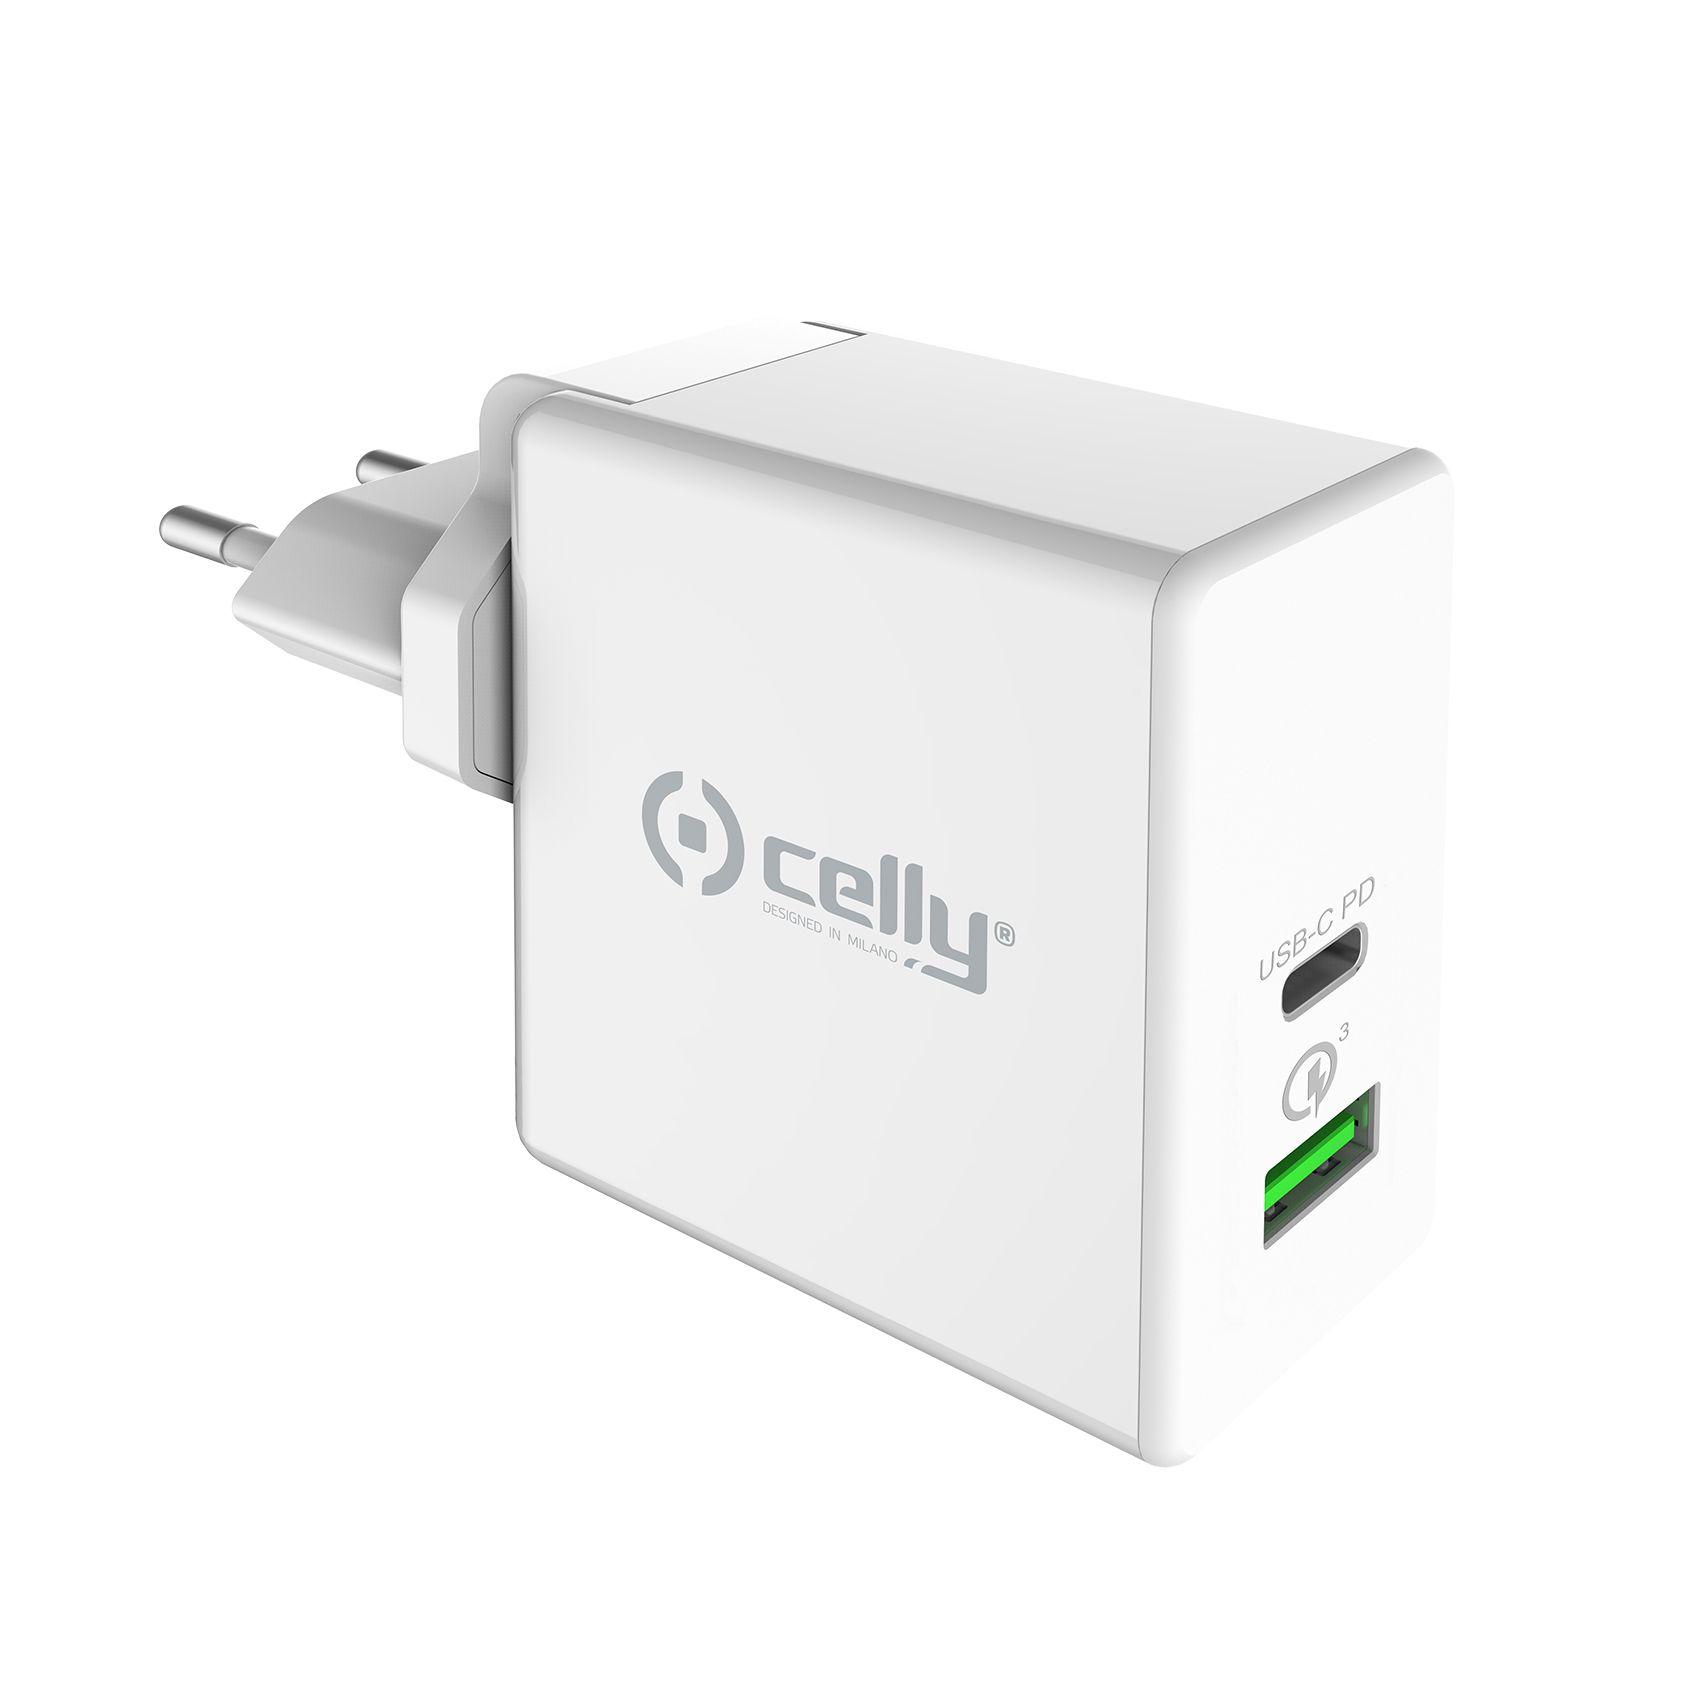 Cestovní nabíječka CELLY PRO POWER s USB-C (PD) a USB portem, Qualcomm Quick Charge 3.0, 45W max, bílá